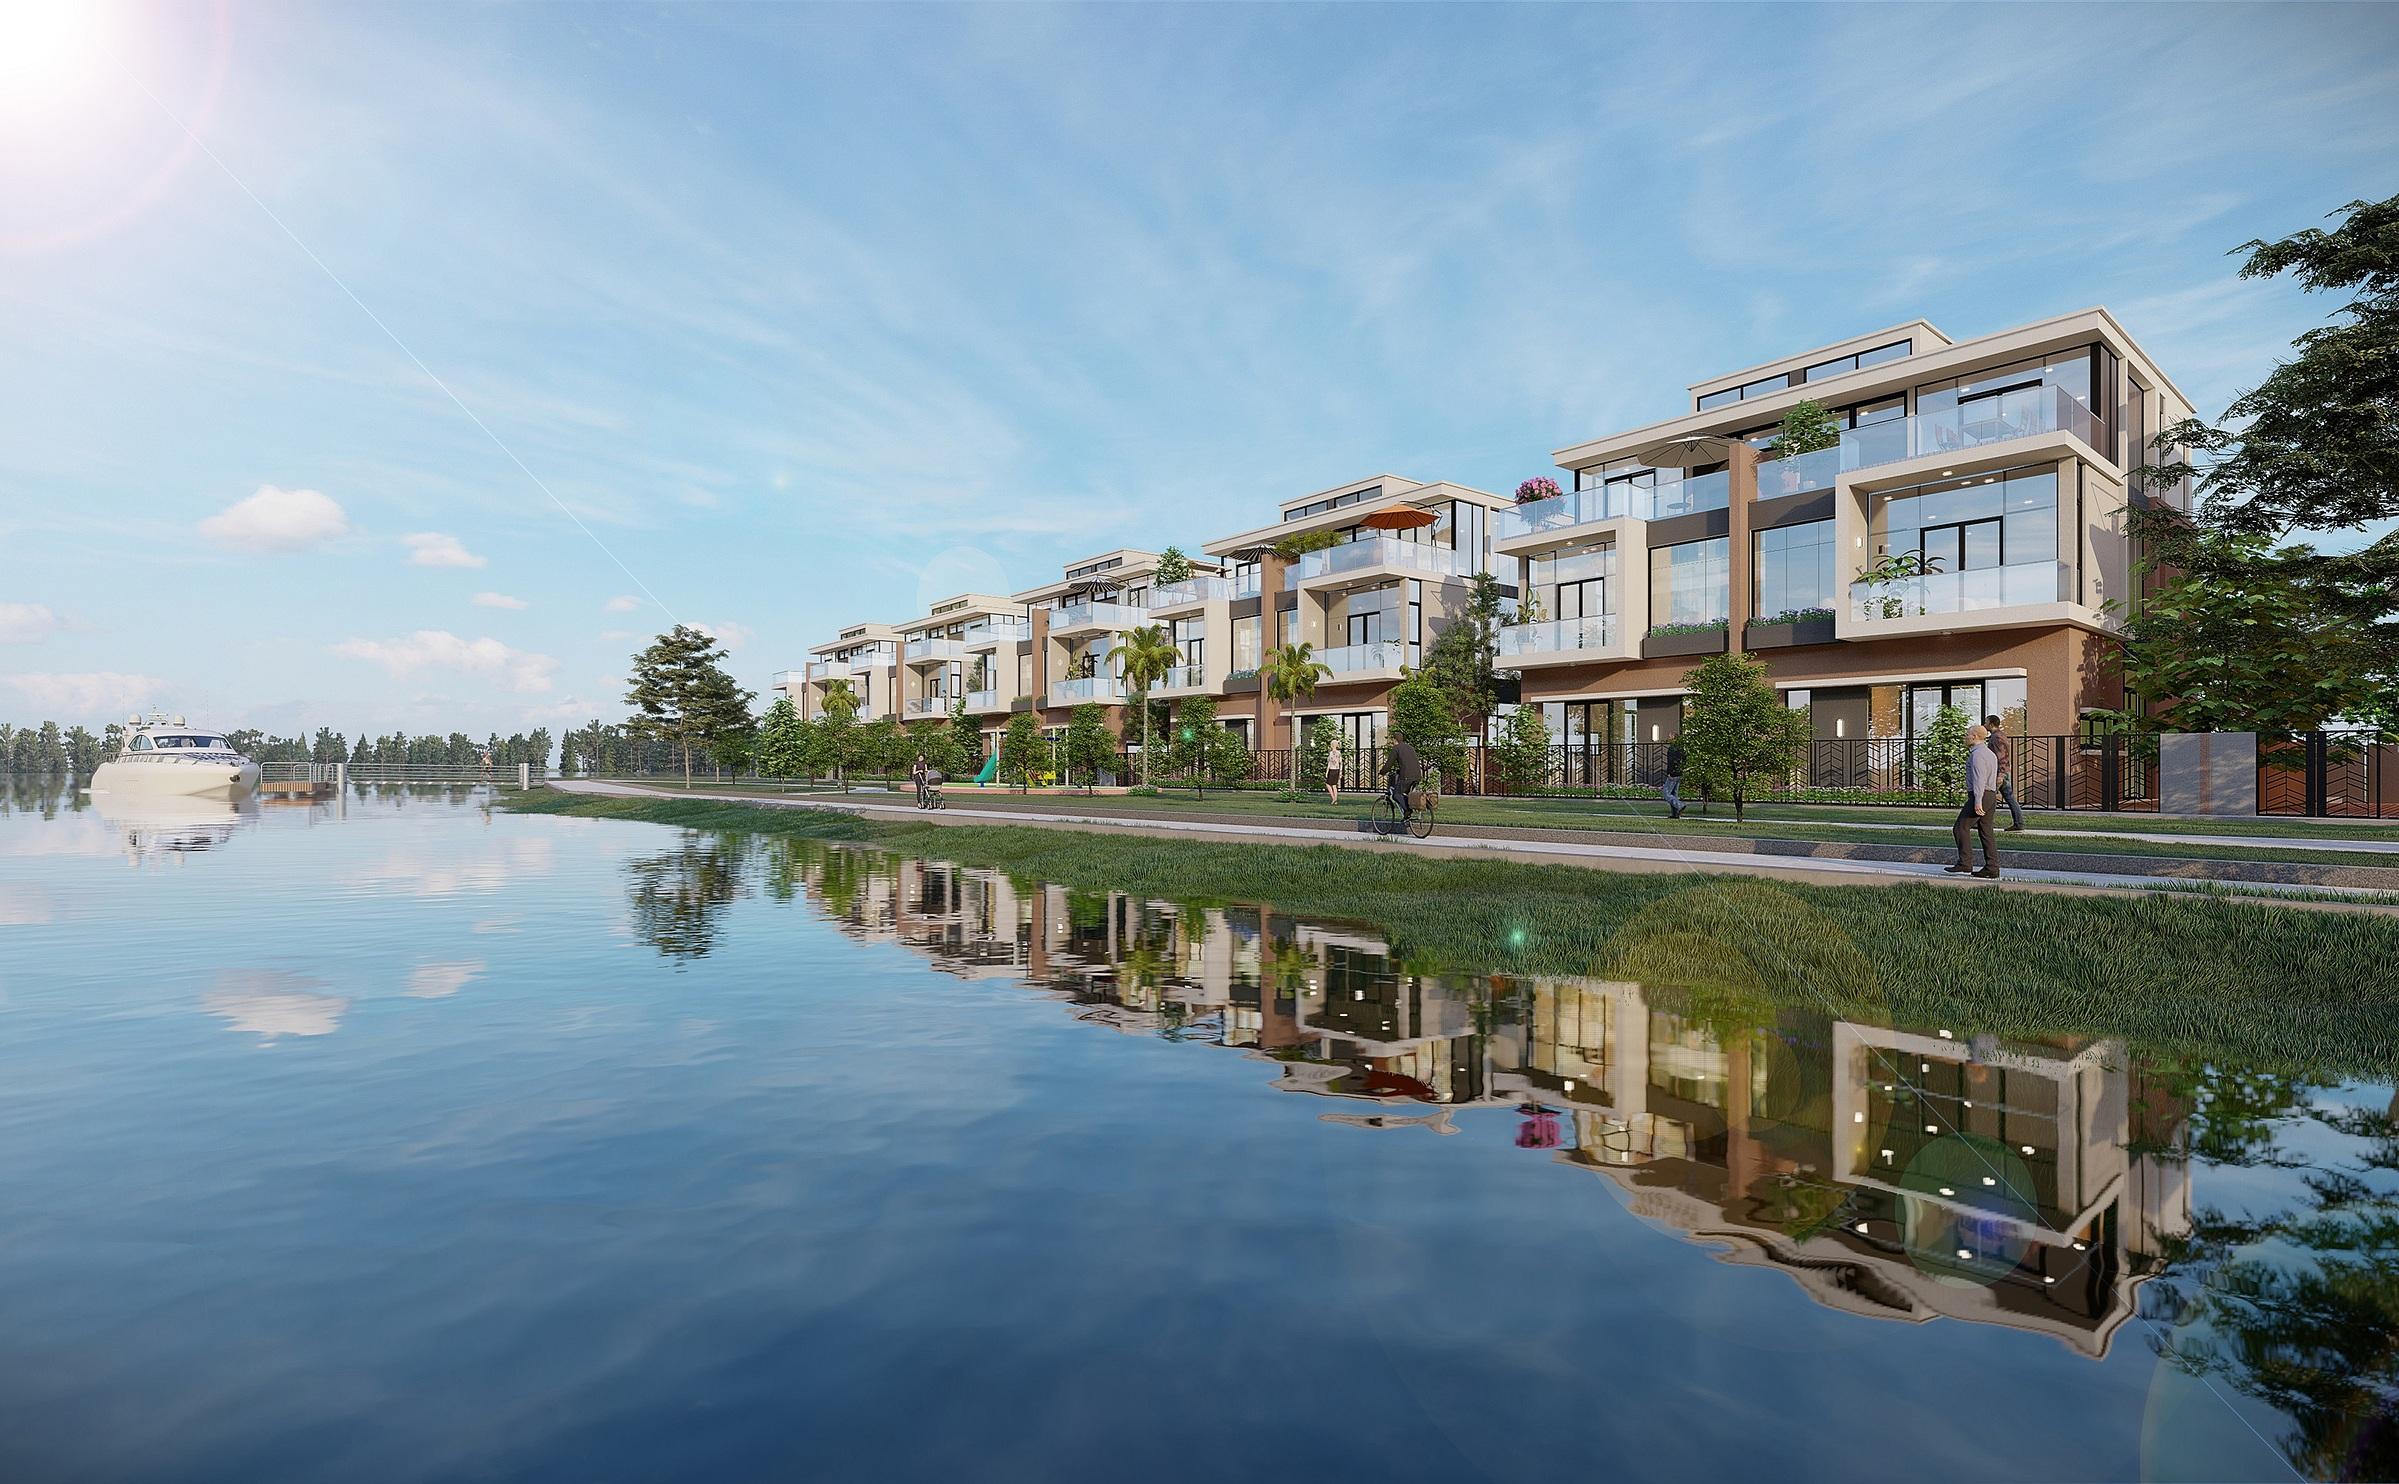 Trong giai đoạn đầu hợp tác, VietinBank cung cấp dịch vụ cho vay mua nhà tại dự án khu đô thị sinh thái thông minh Aqua City. Ảnh phối cảnh: Novaland.